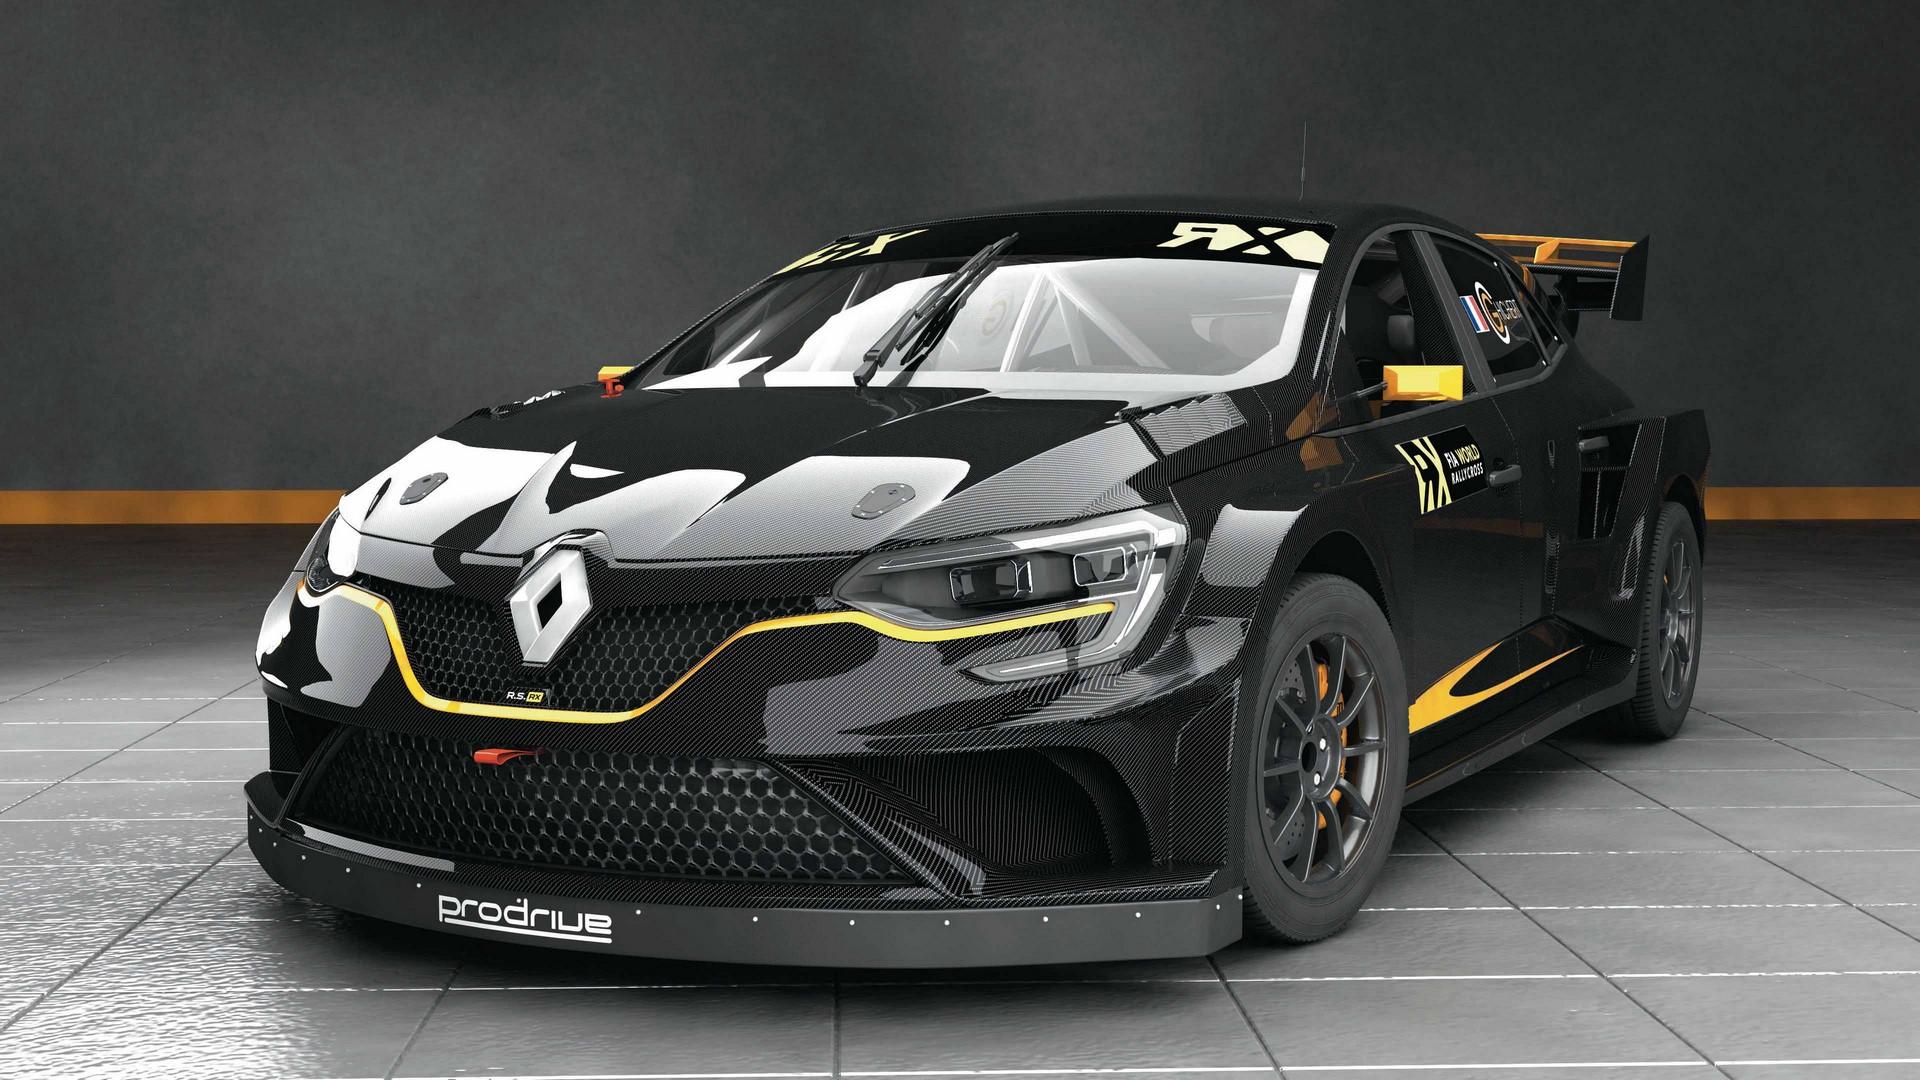 Renault Megane RX Supercar (2)